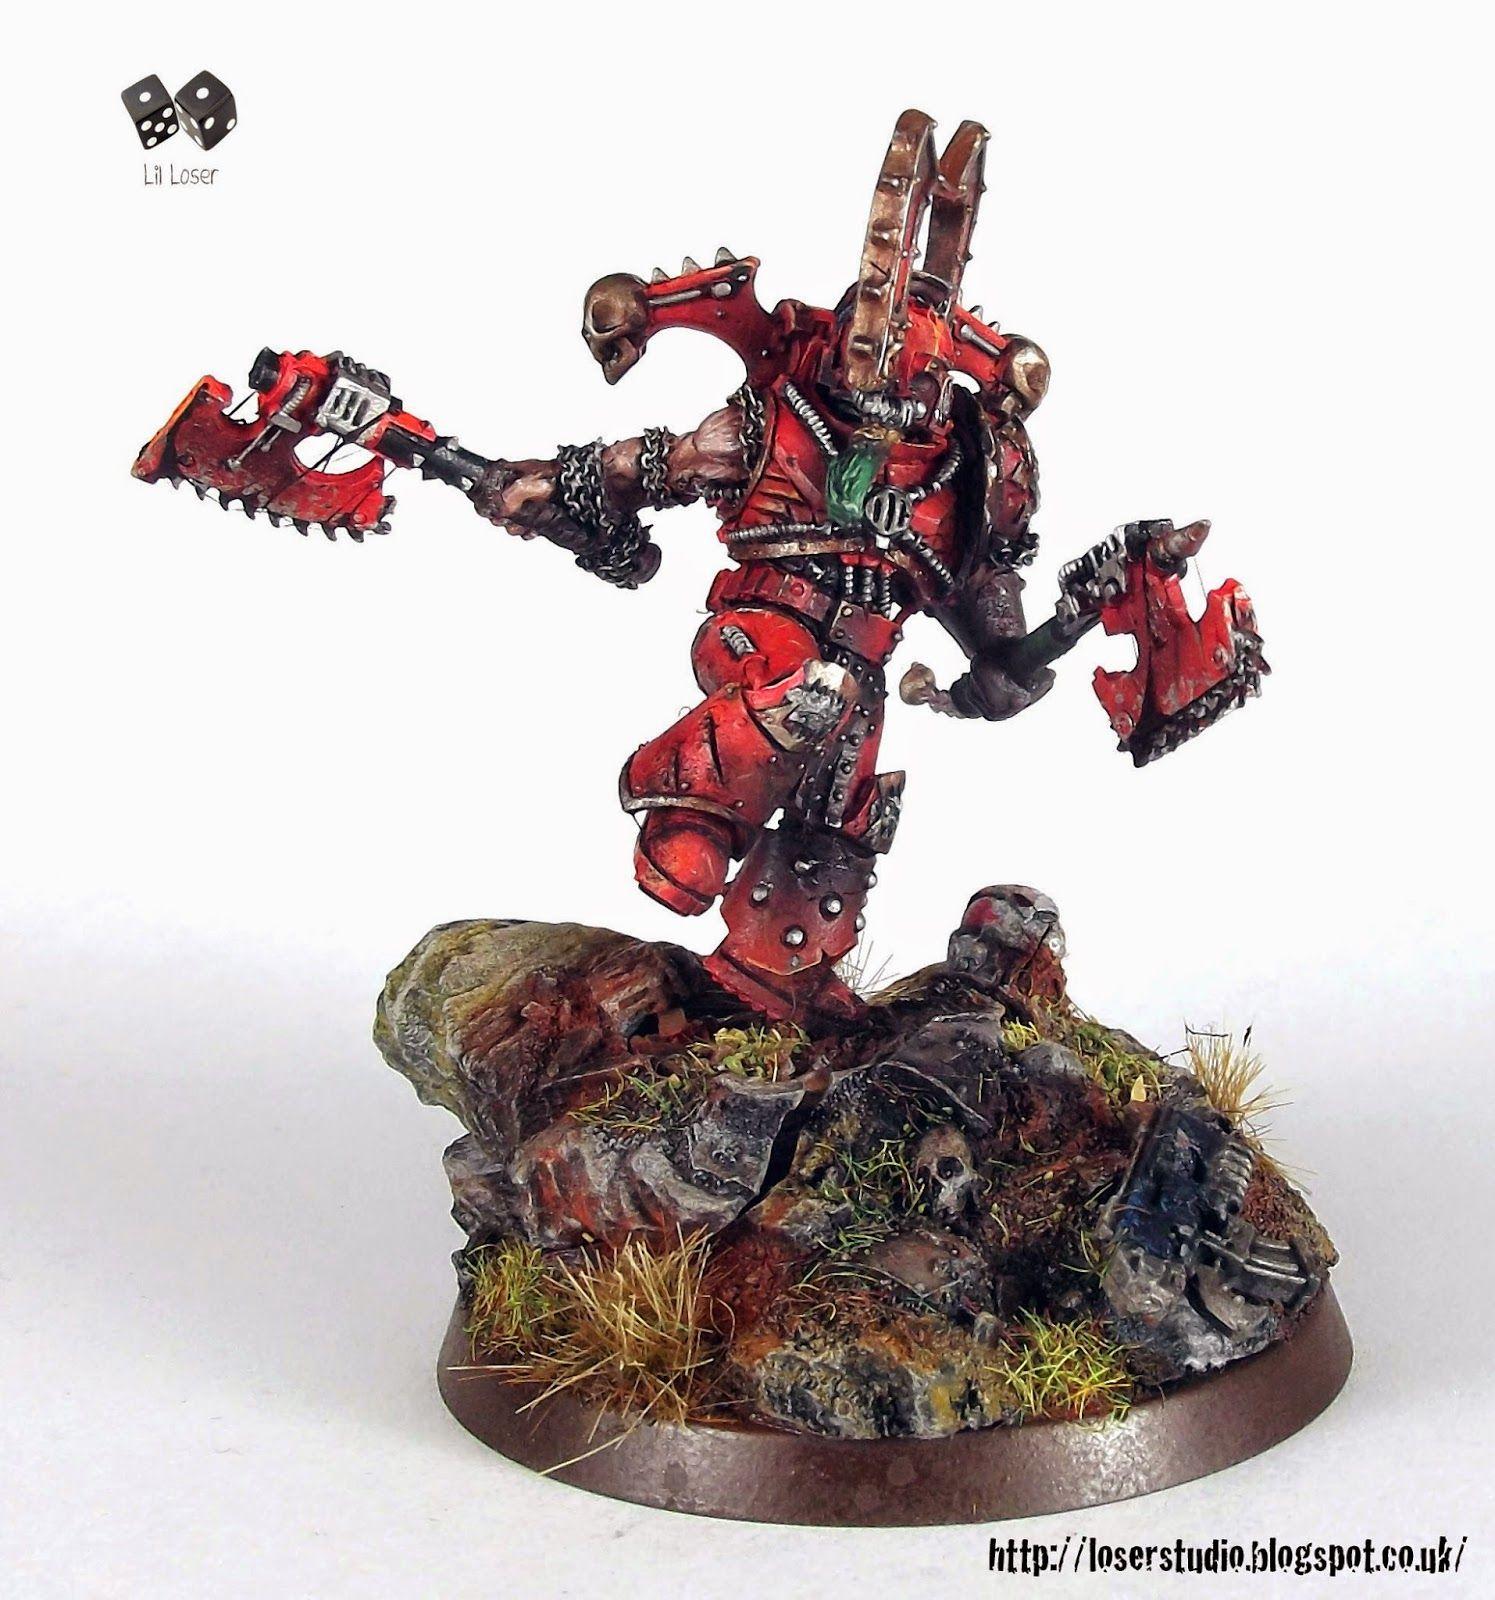 Lillegend Studio Kharn The Betrayer Heresy Miniature Conversion Miniatures Warhammer 40k Miniatures Warhammer Figures